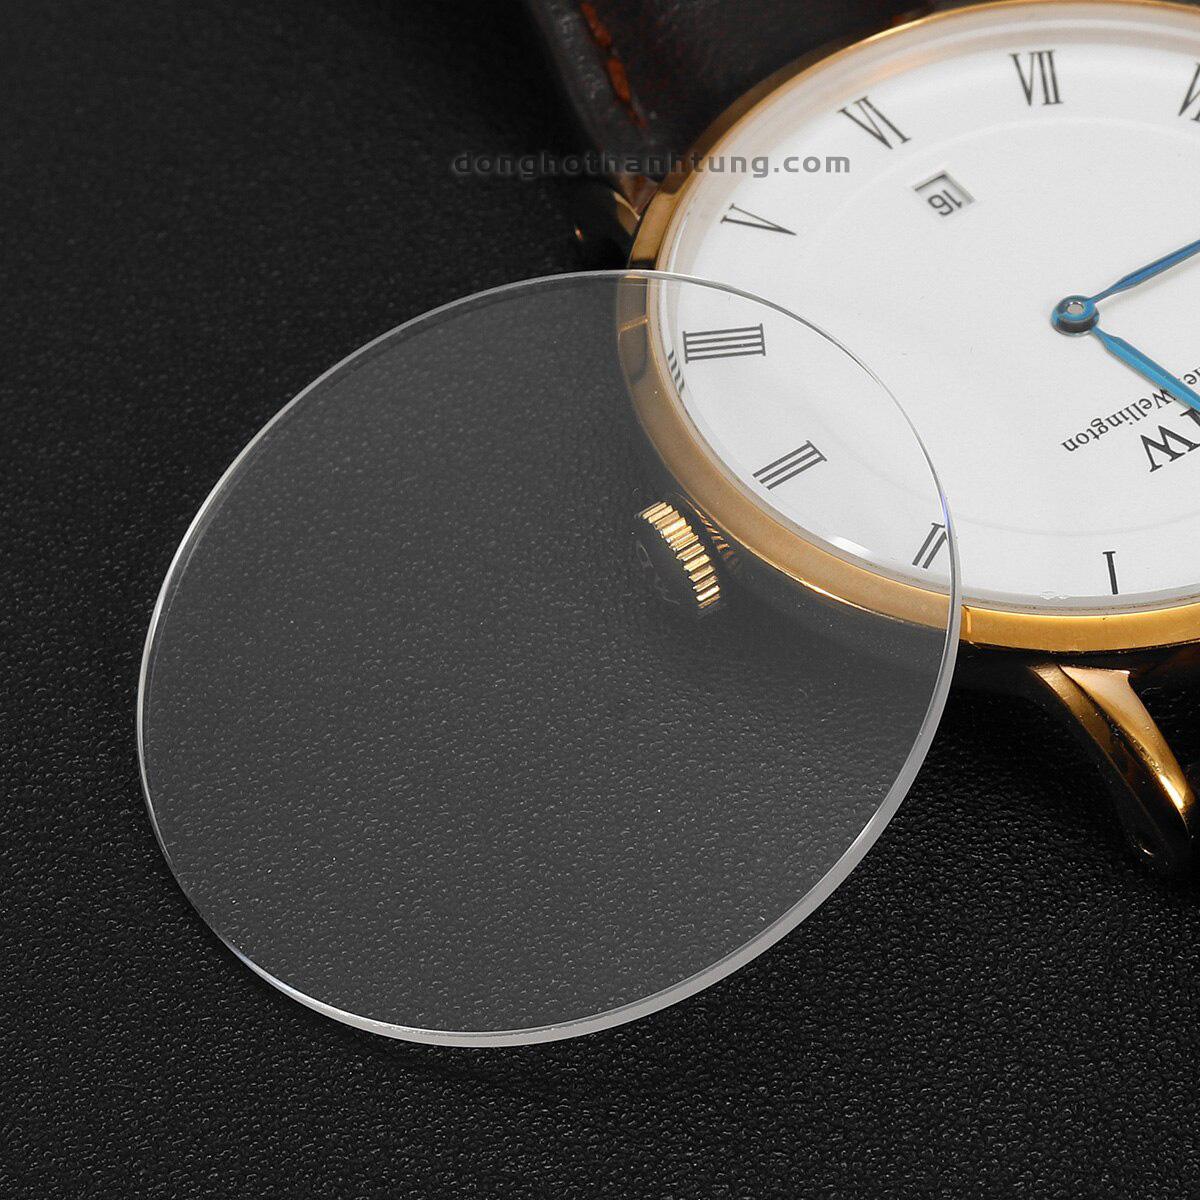 Mặt kính đồng hồ : Ưu điểm và nhược điểm